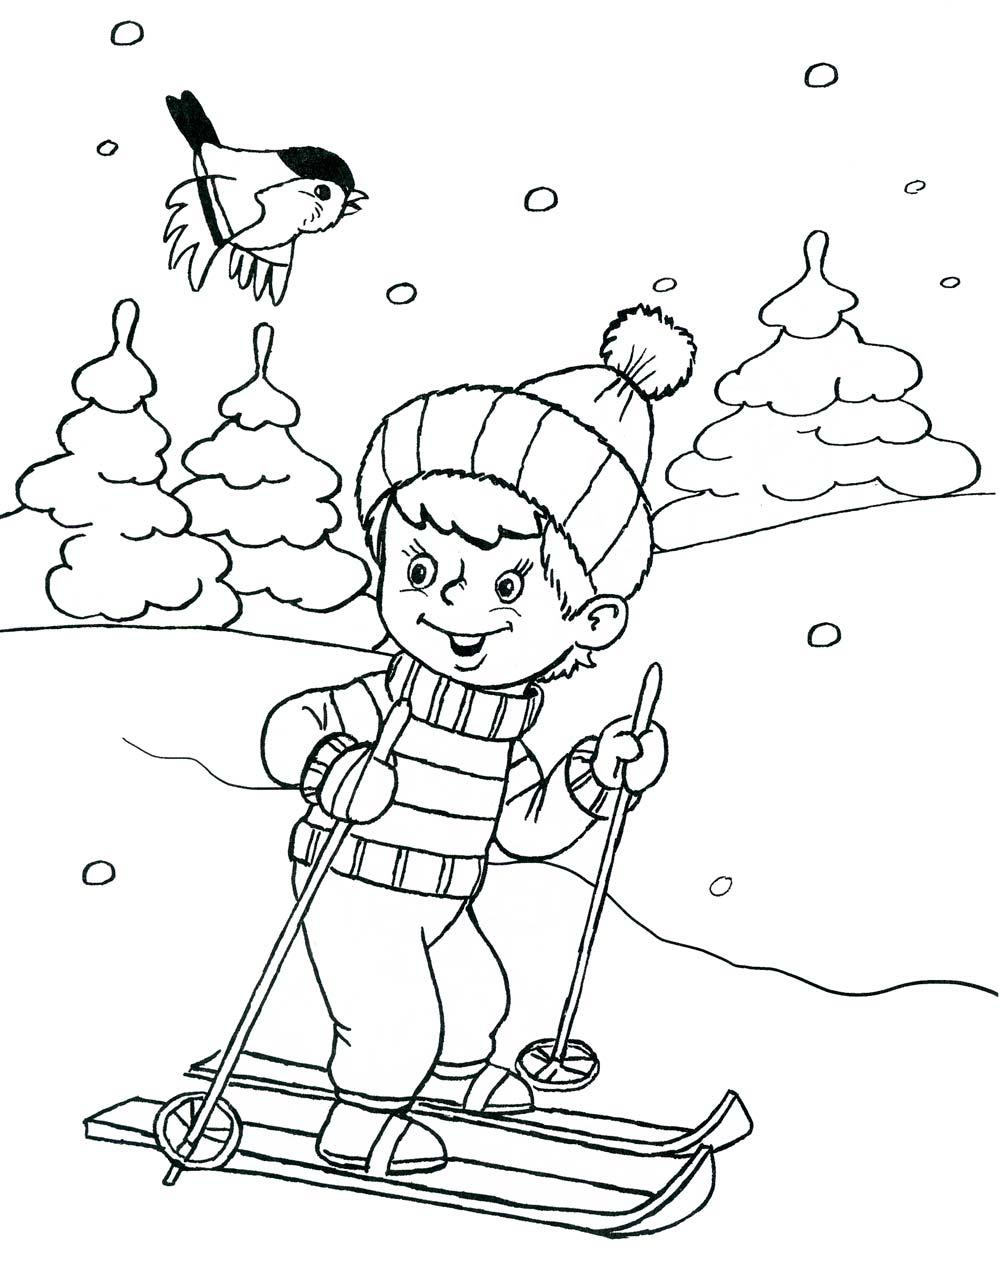 рисунок зимний вид спорта для сада пост-постмодерн